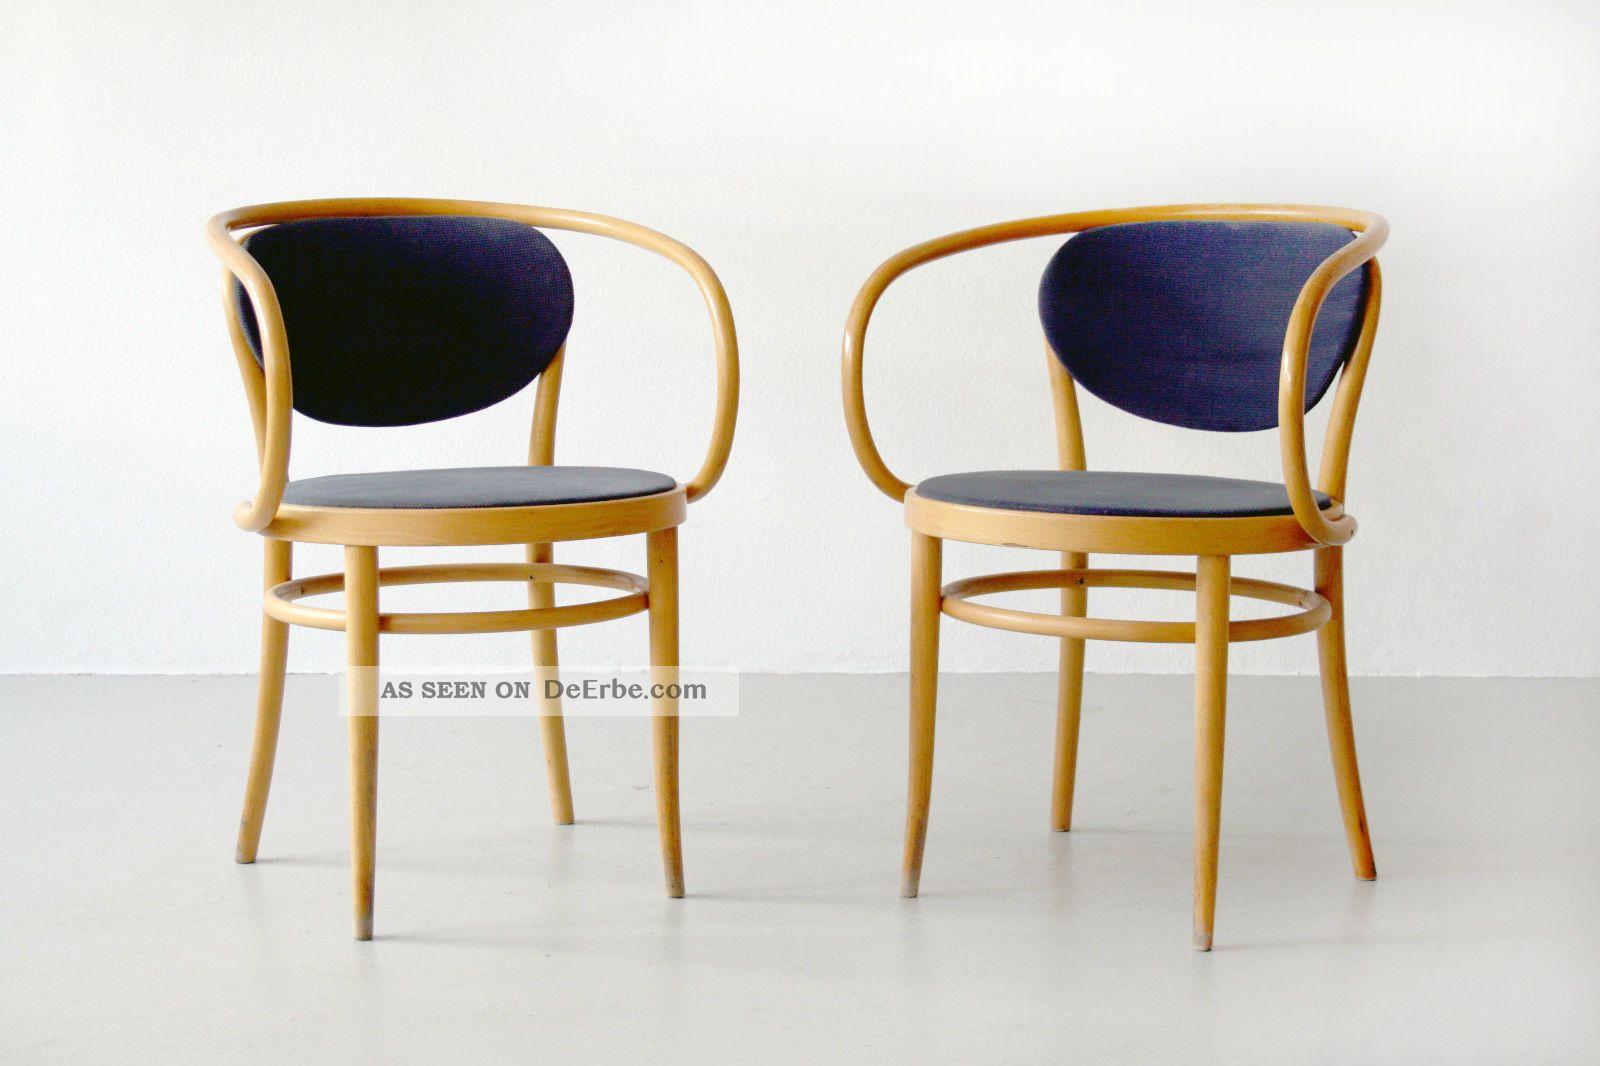 thonet st hle alte modelle dekoration bild idee. Black Bedroom Furniture Sets. Home Design Ideas